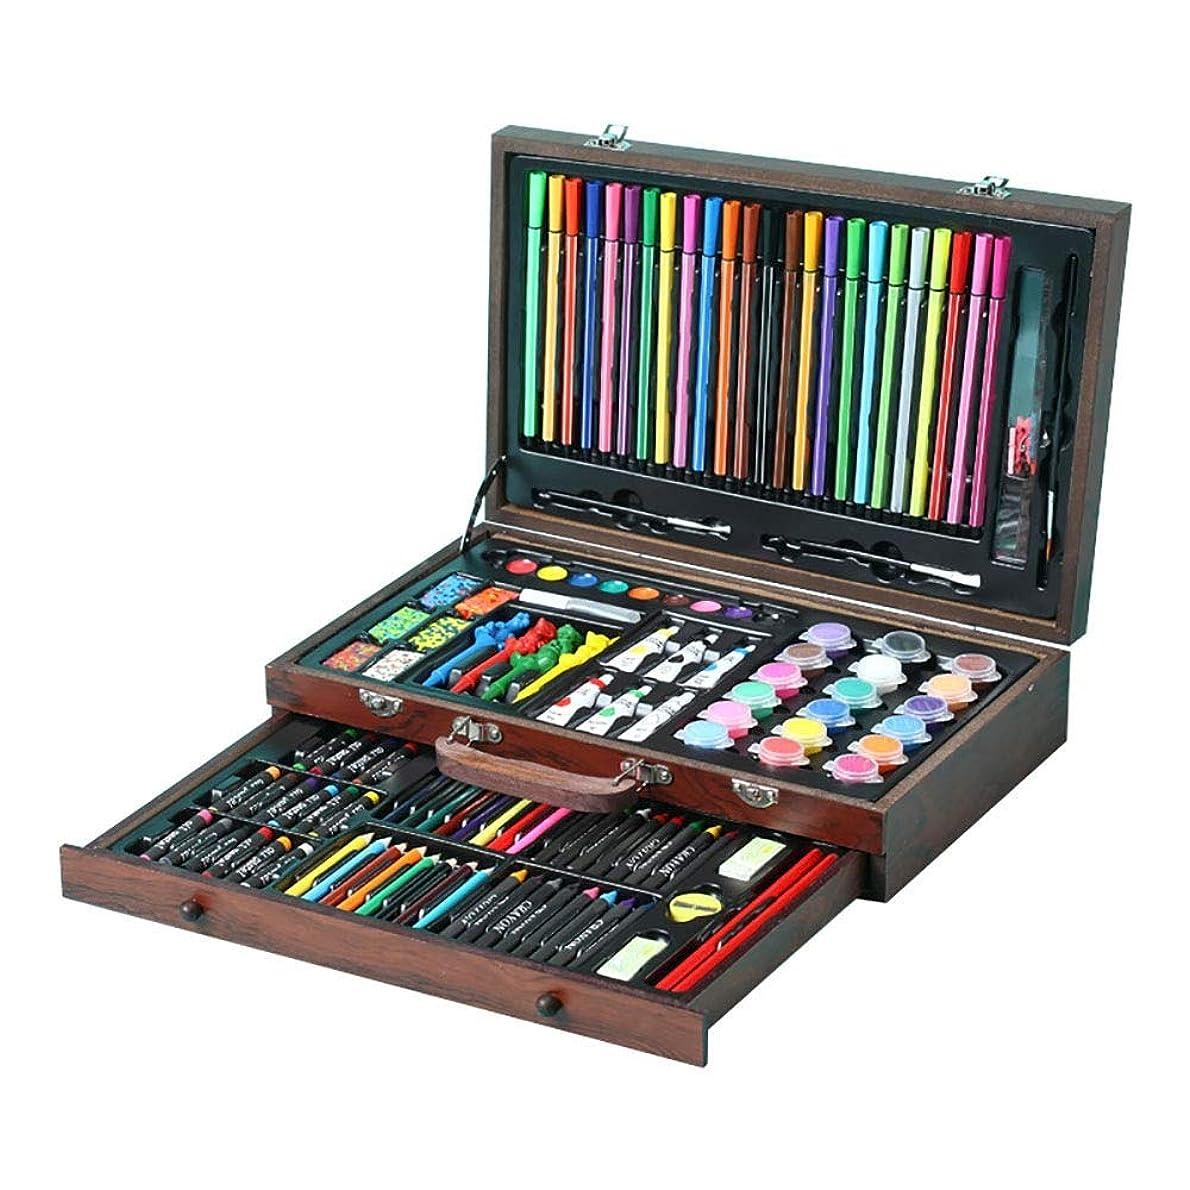 エネルギー実験室マーキー木箱の絵画そしてデッサンの芸術のキットのための130部分の携帯用品は水彩絵の具オイルパステルカラー鉛筆を含みます 美しい作品を描く (Color : Natural, Size : Free size)